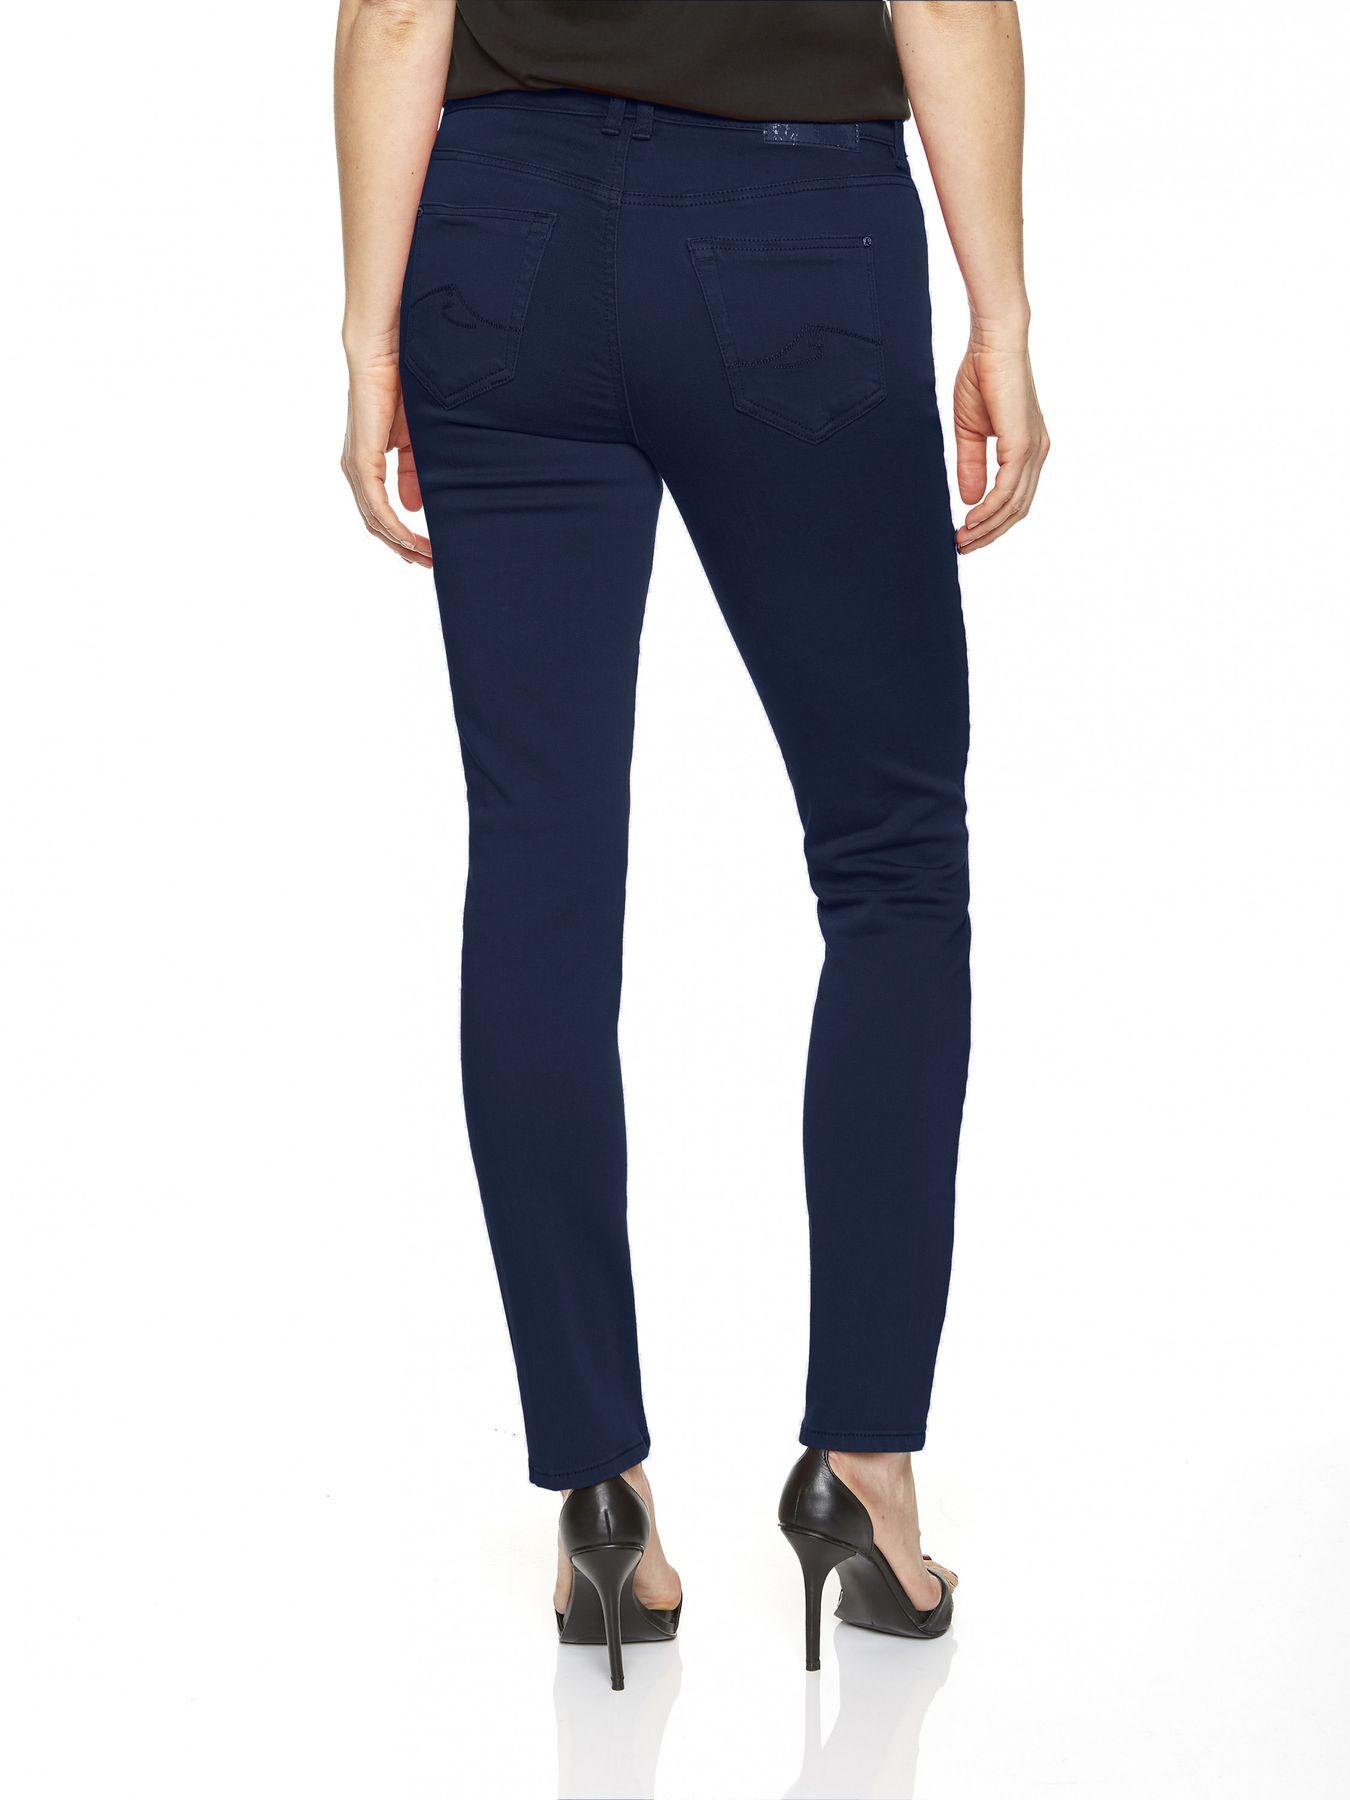 Atelier Gardeur - Slim Fit - Damen 5-Pocket Röhrenhose aus Baumwollstretch in verschiedenen Farben, Zuri (00911) – Bild 9